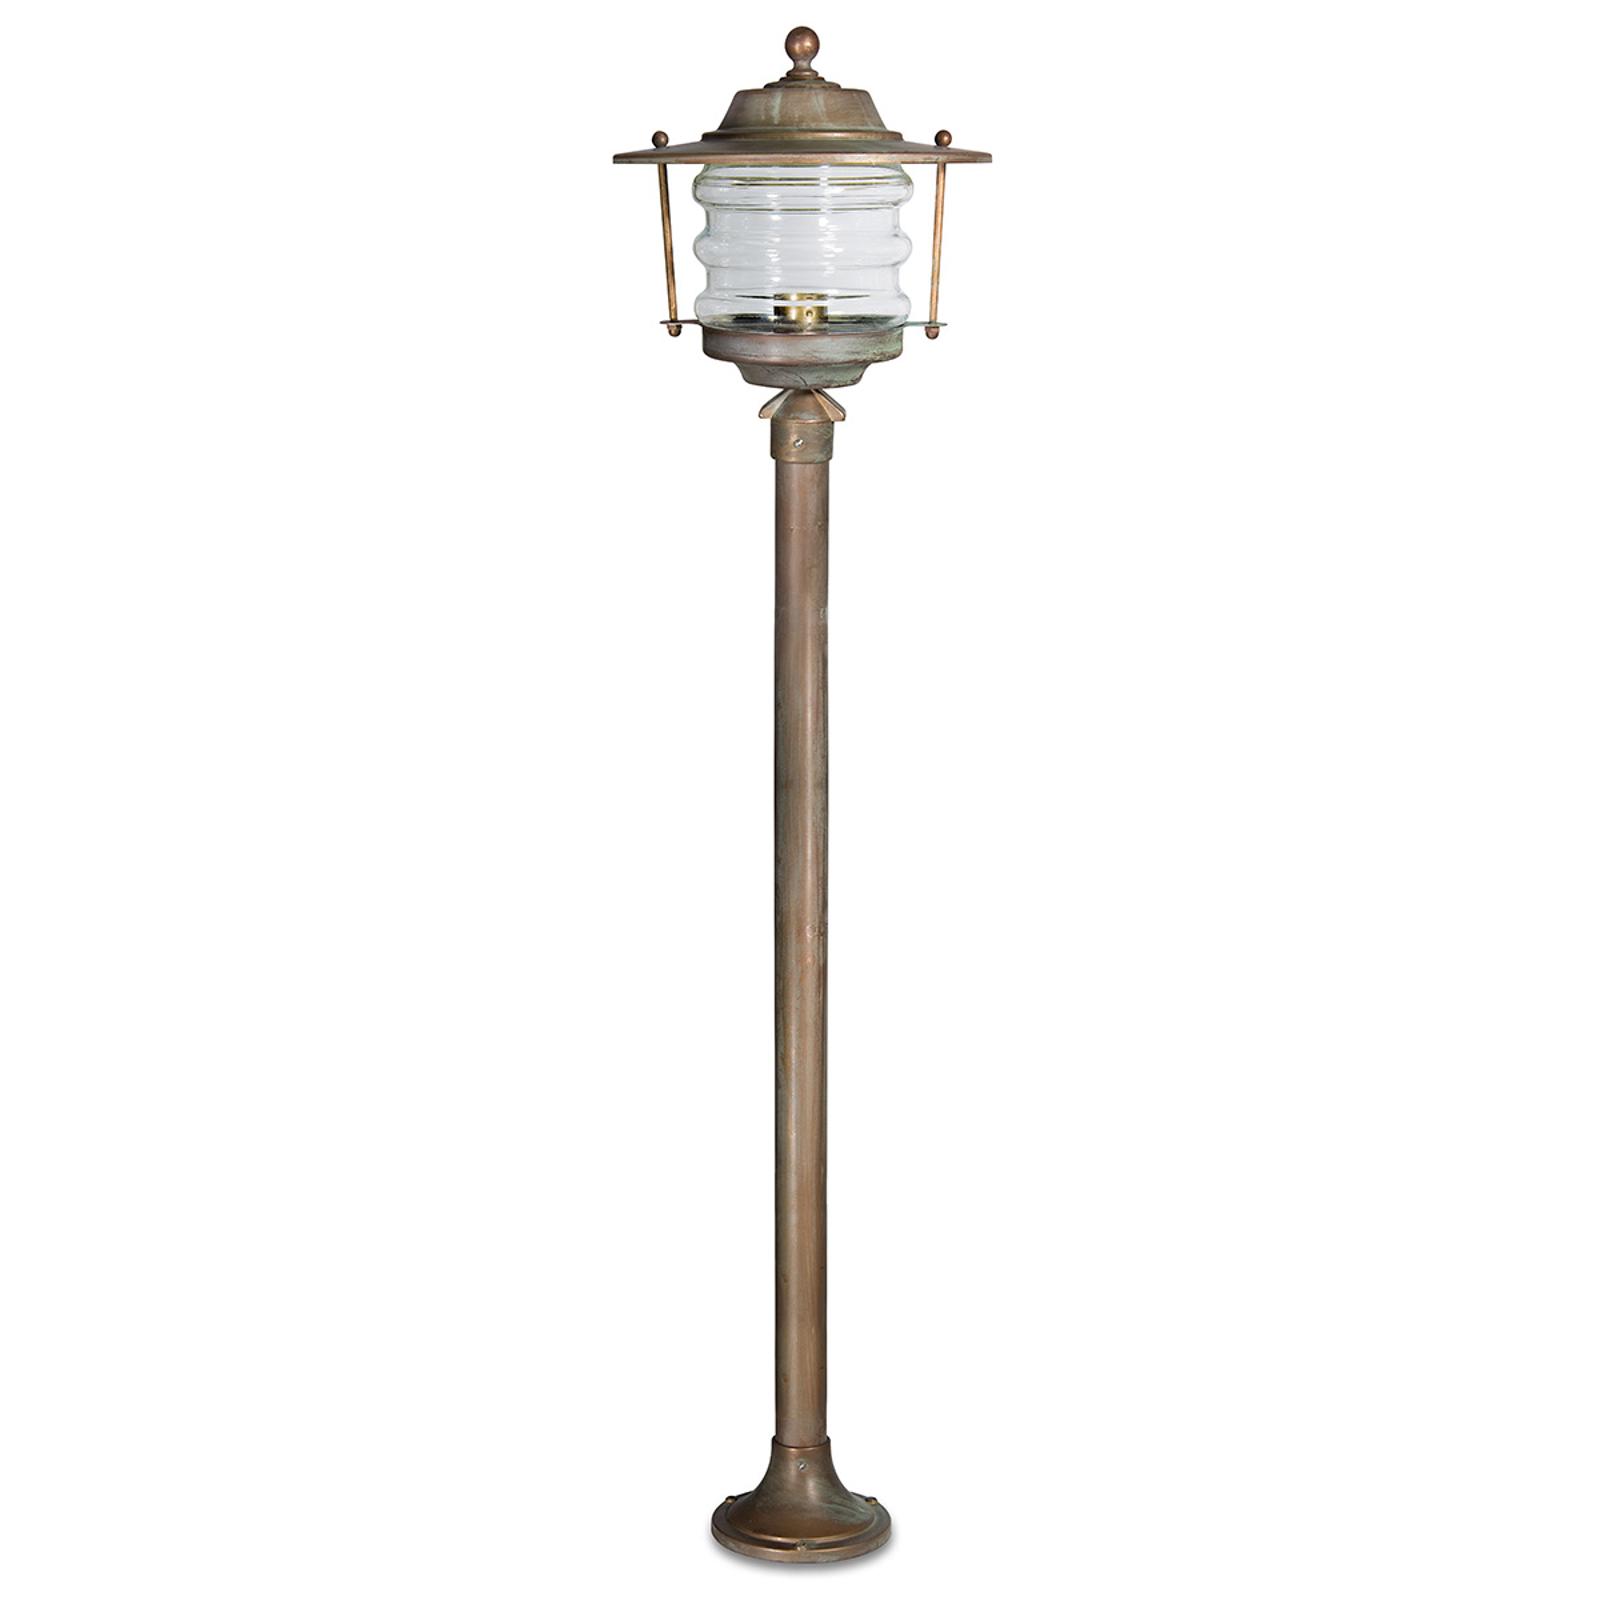 Stylowy słupek oświetleniowy ADESSORA, latarnia